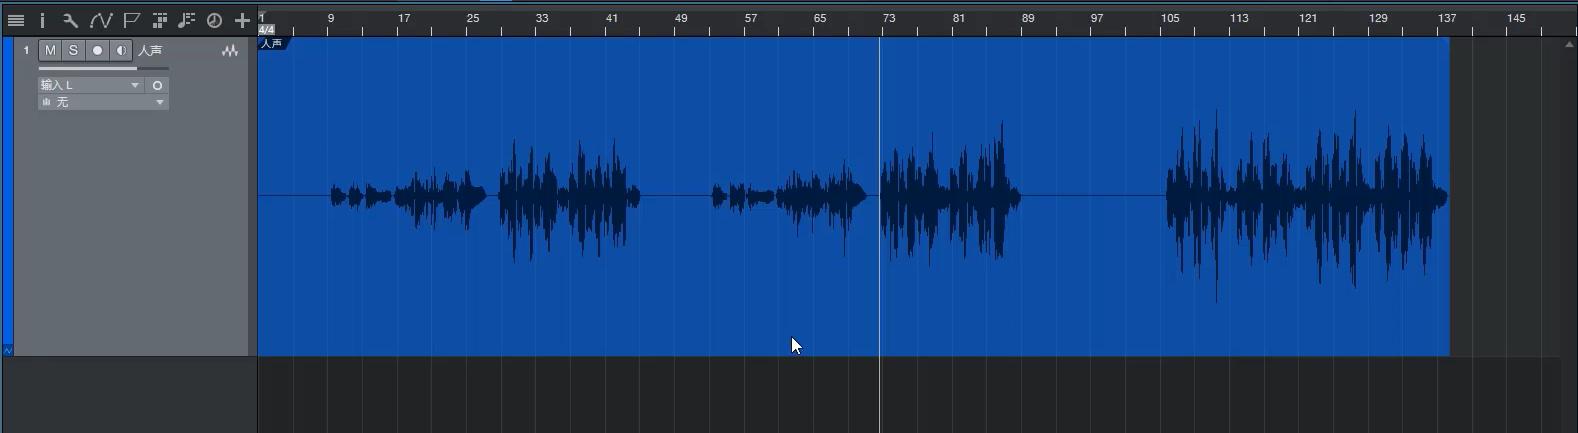 Studio One中的一条音轨